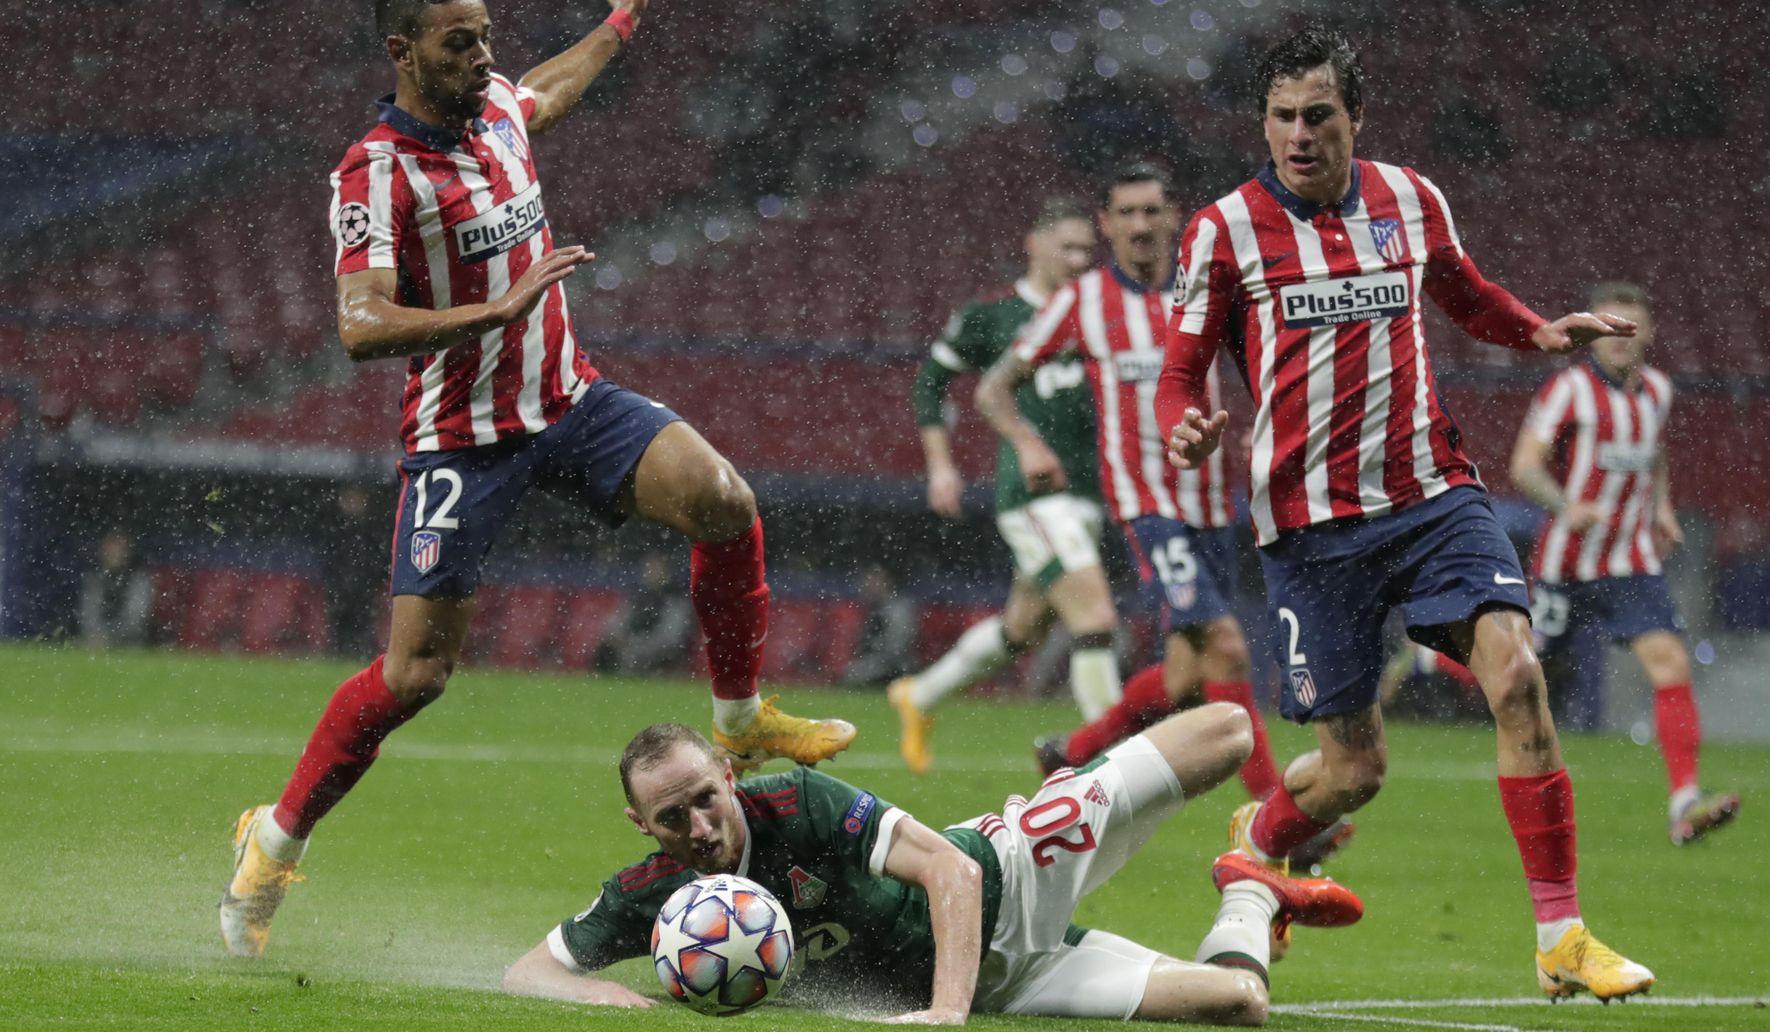 Spain_soccer_champions_league_45920_c0-162-3426-2159_s1770x1032